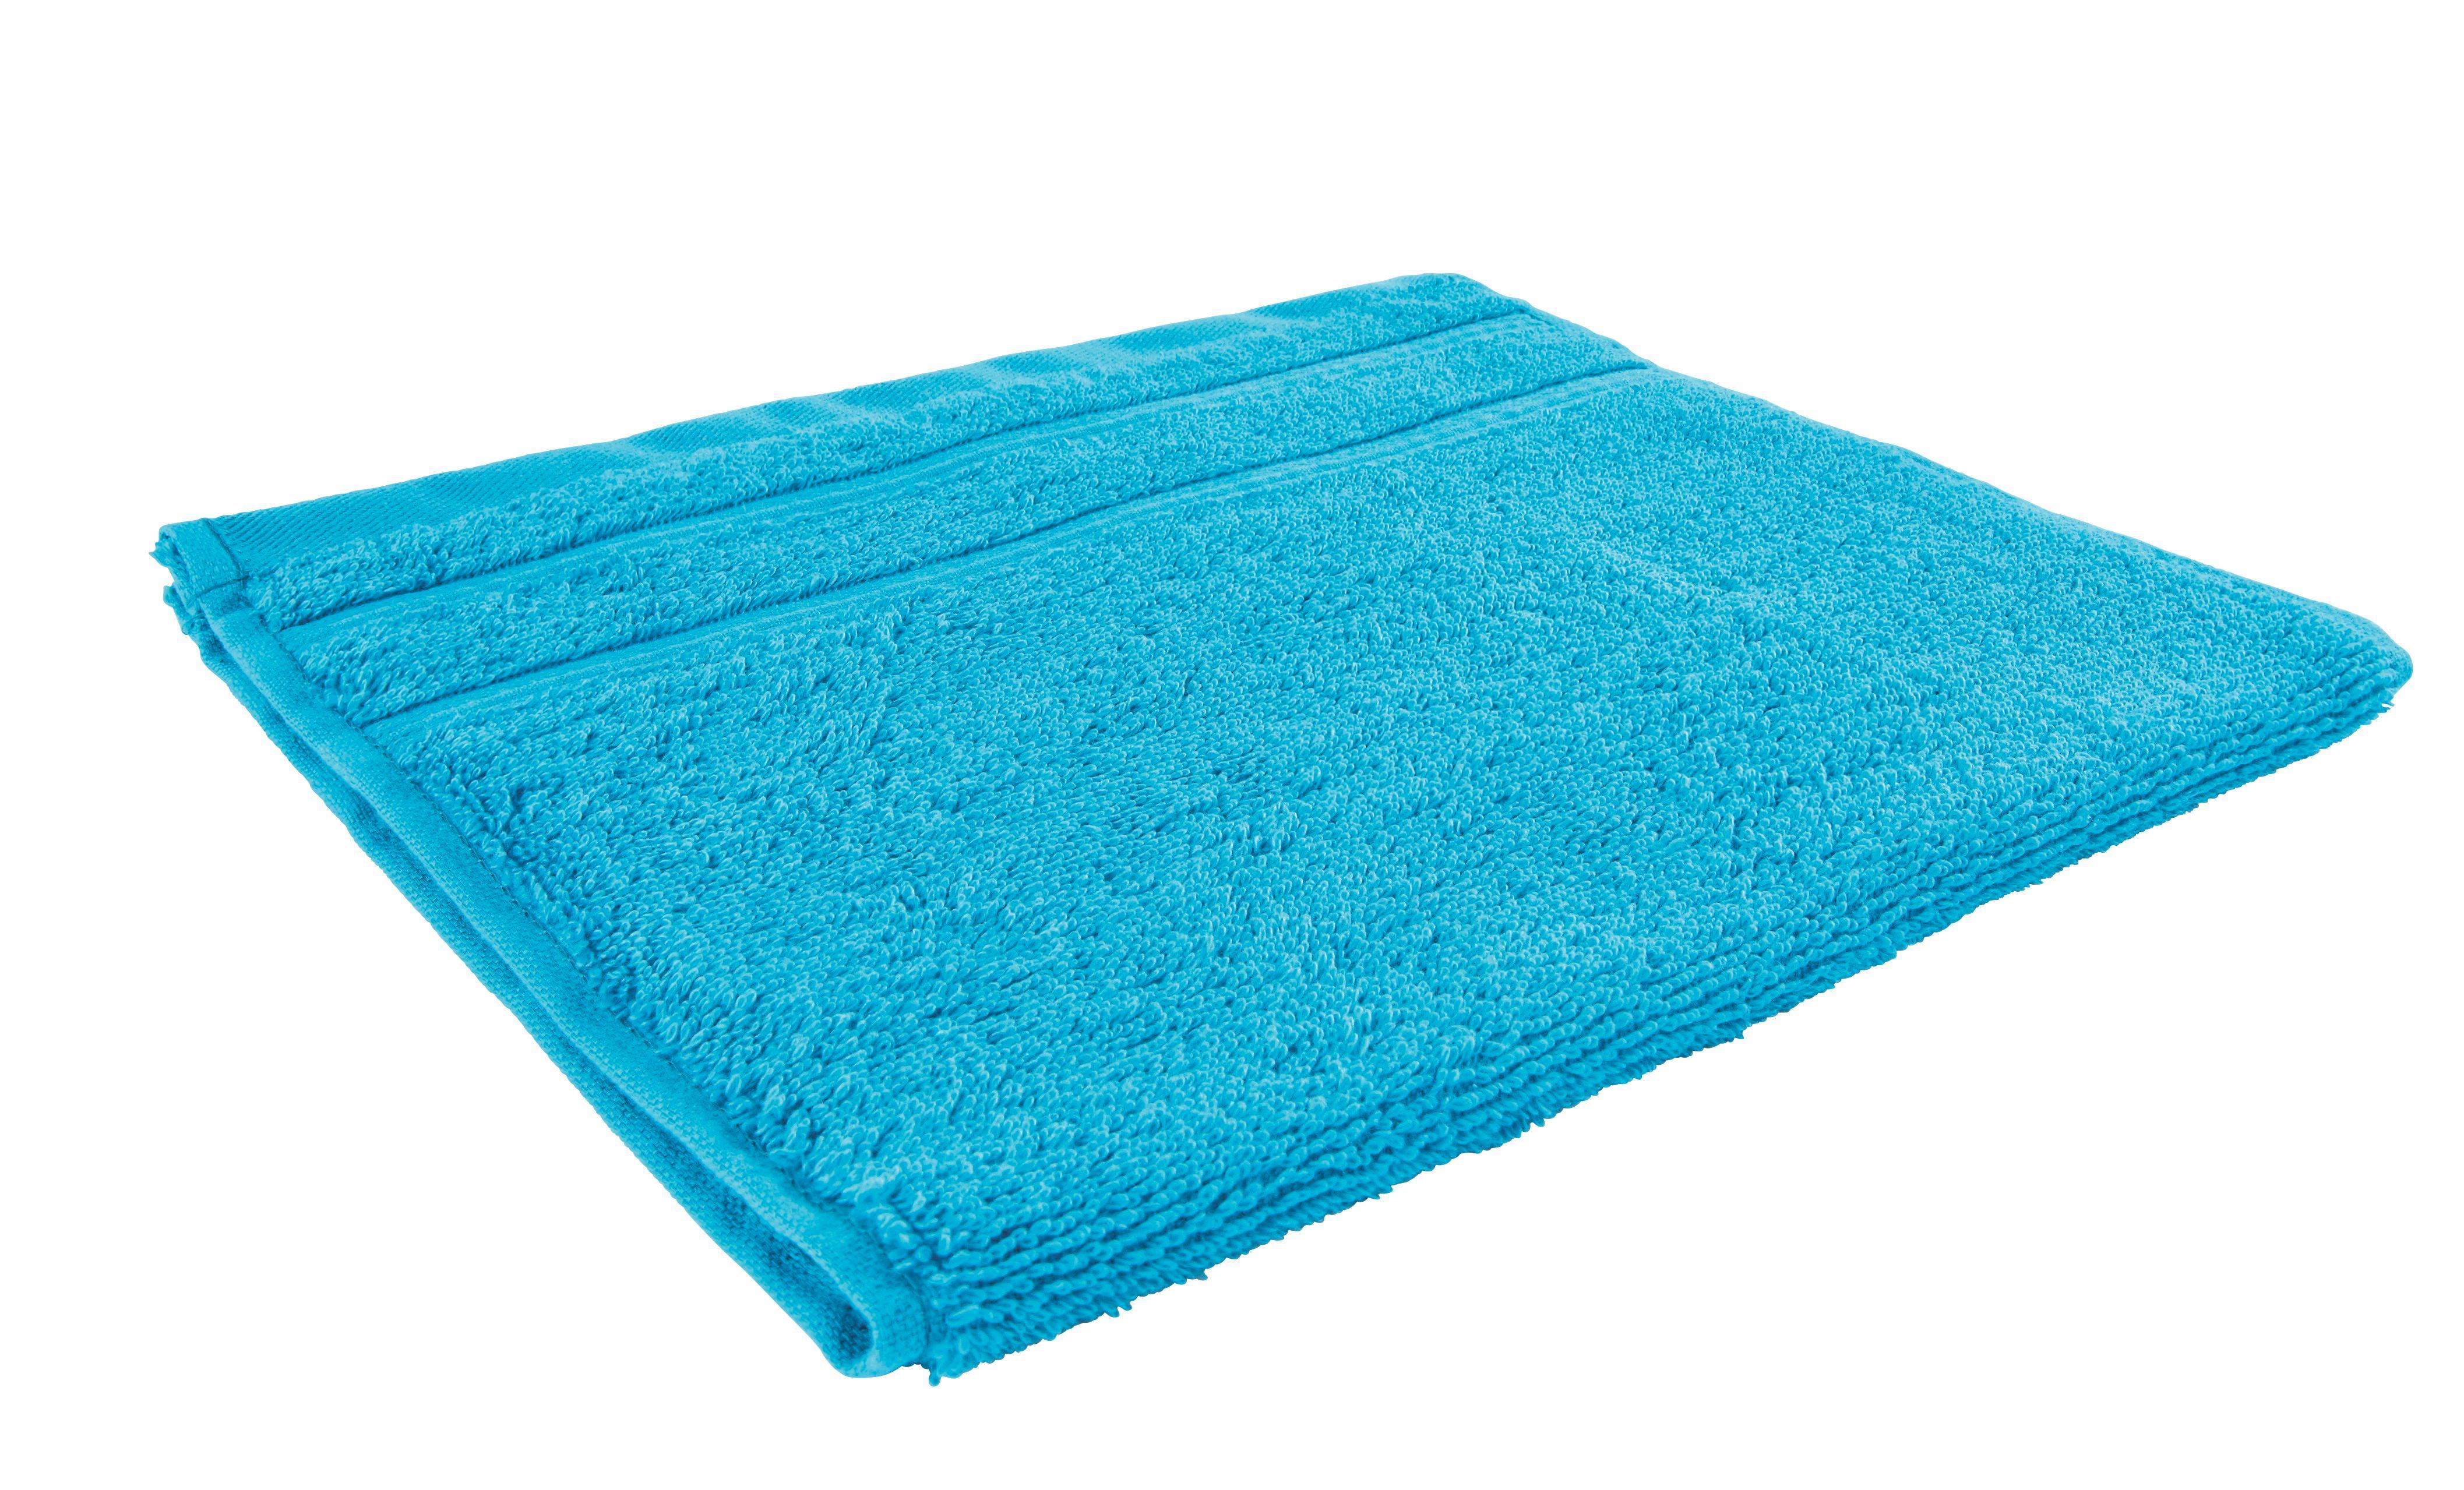 Gästetuch Melanie in Aqua - Blau, Textil (30/50cm) - MÖMAX modern living